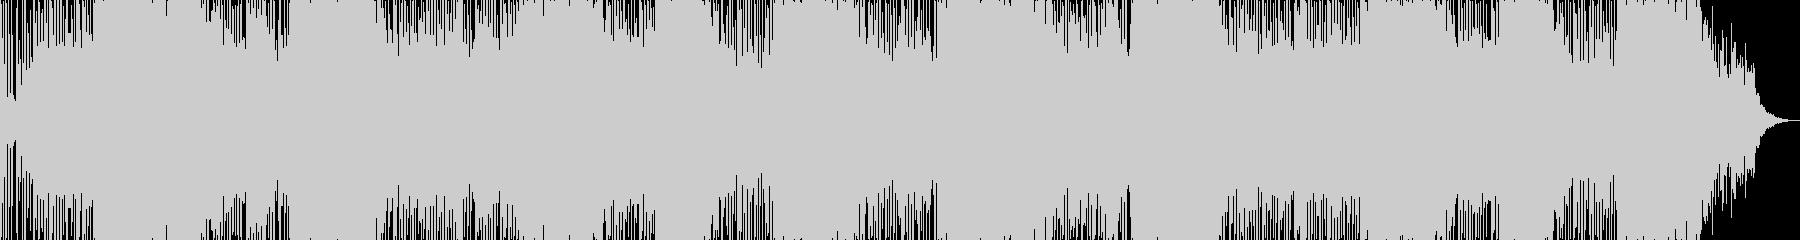 フュージョン センチメンタル サス...の未再生の波形